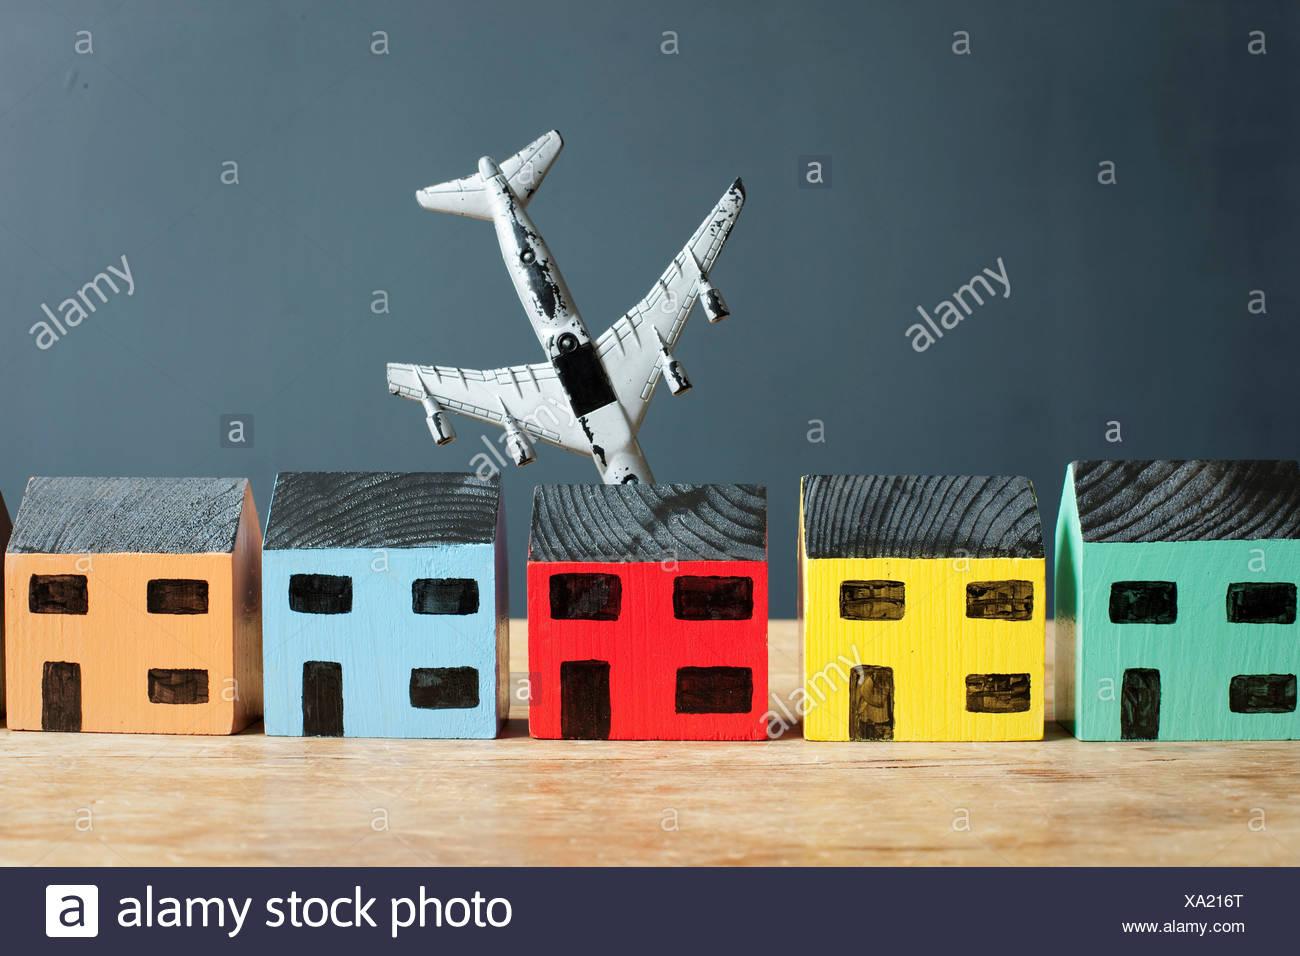 El último mensaje gana  - Página 5 Avion-estrellandose-en-casa-modelo-xa216t